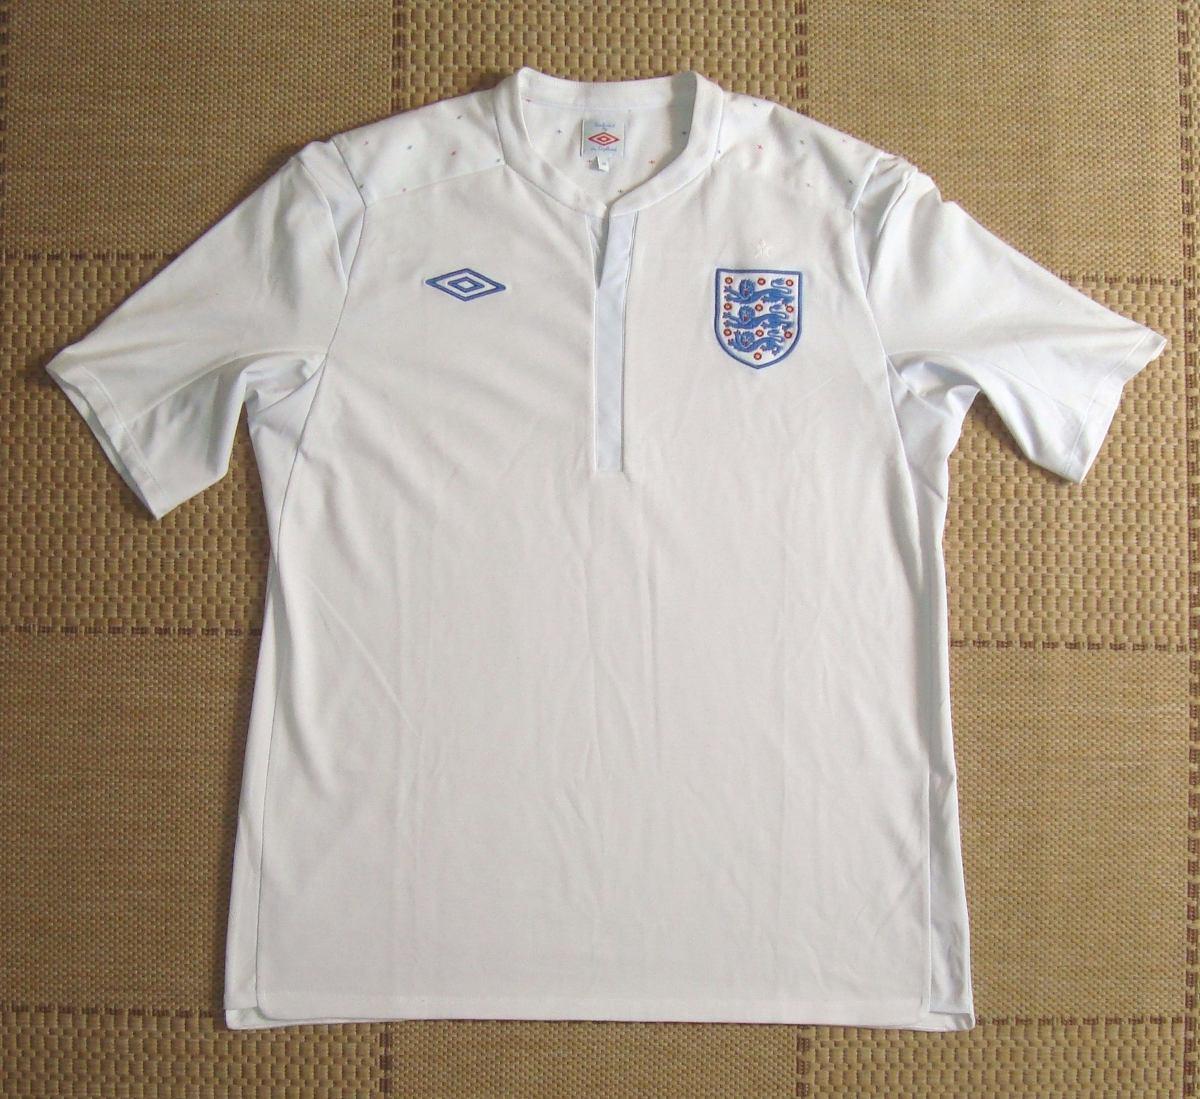 camisa original inglaterra 2011 2012 home. Carregando zoom. cb5fb6f43a529